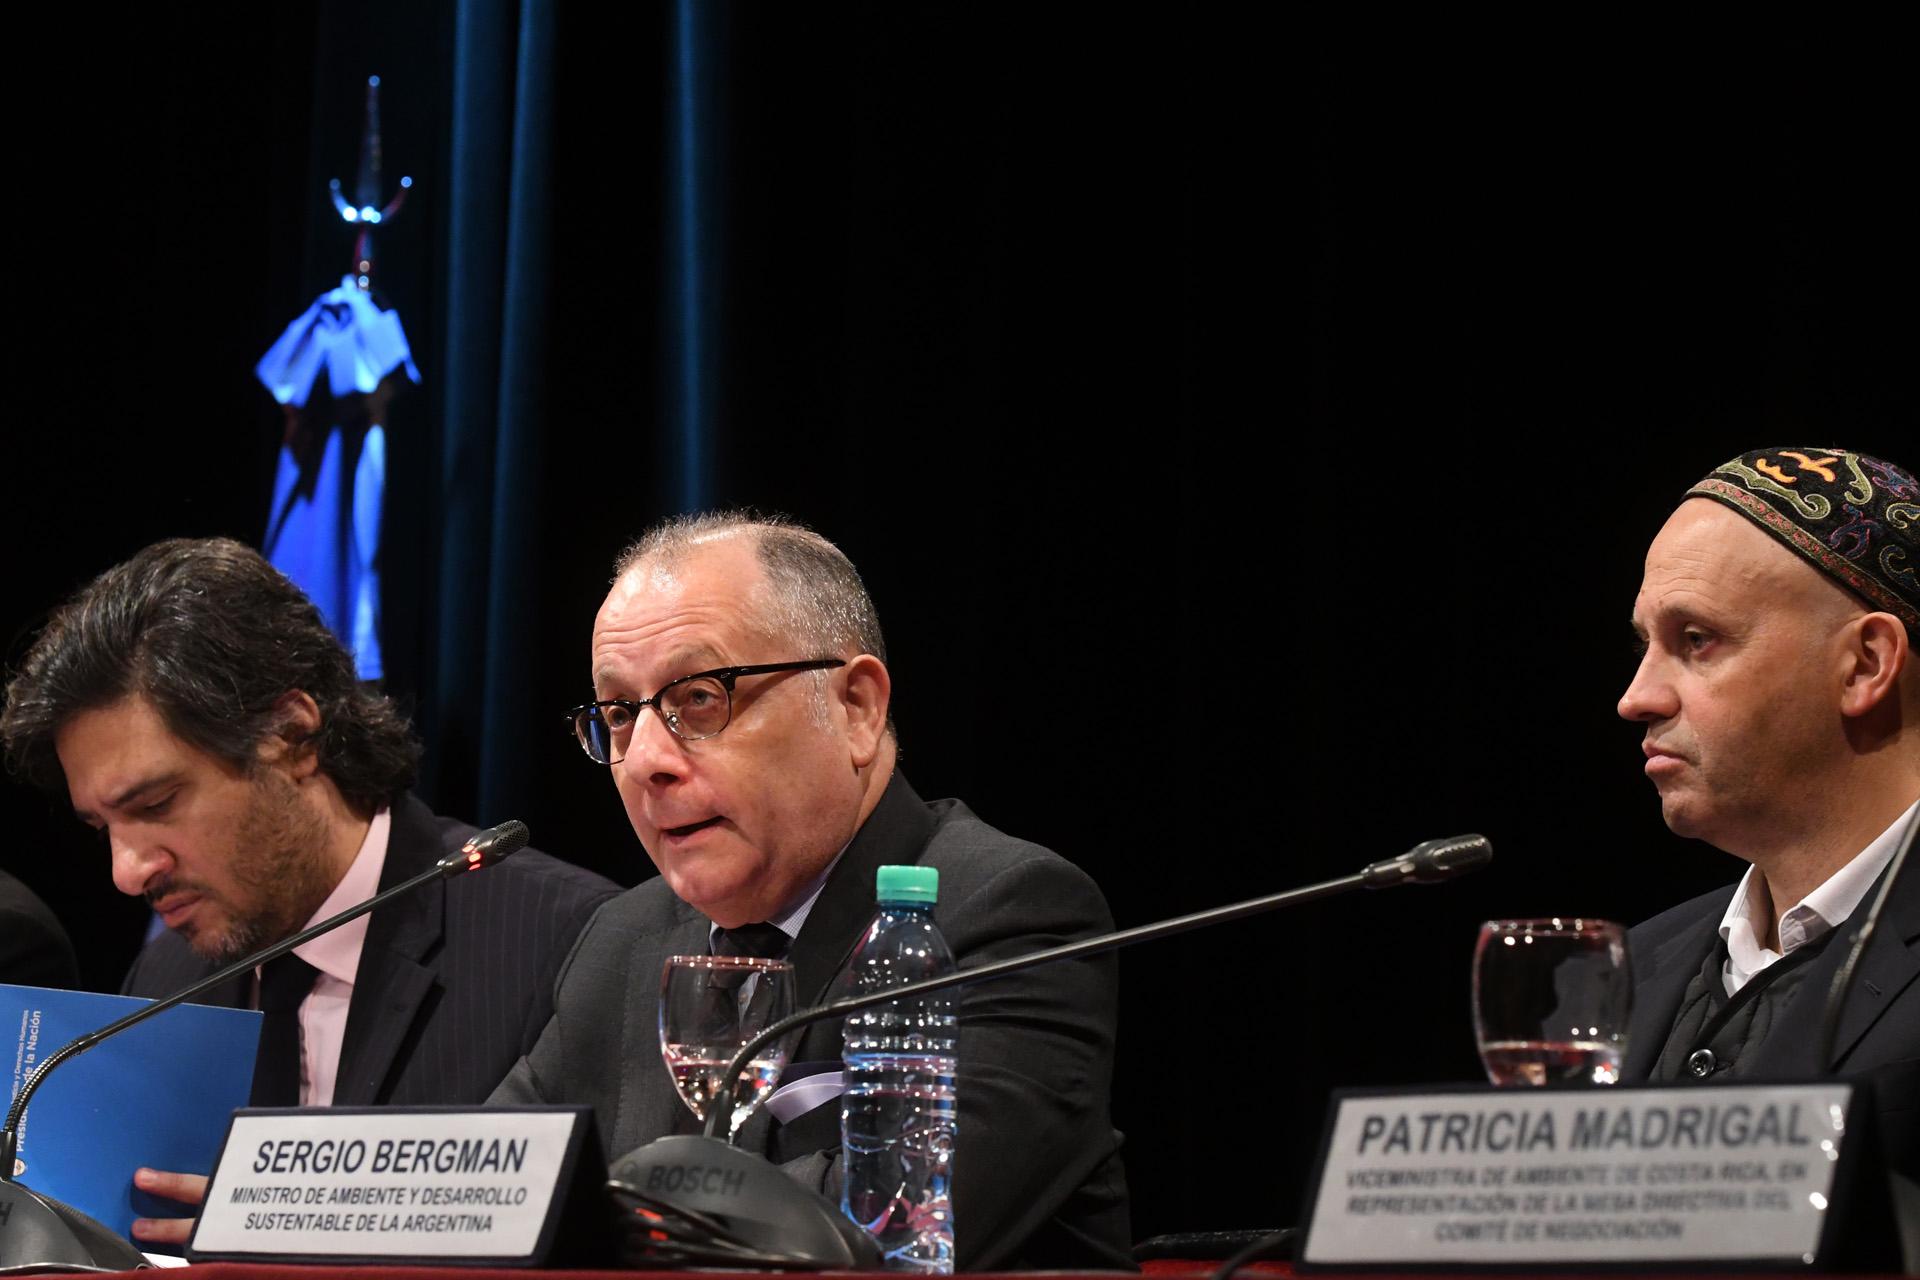 El canciller Jorge Faurie, junto al ministro de Ambiente Sergio Bergman y su par de Justicia y DDHH, Germán Garavano, encabezaron un encuentro con representantes de países de América Latina y el Caribe en el ministerio de Relaciones Exteriores